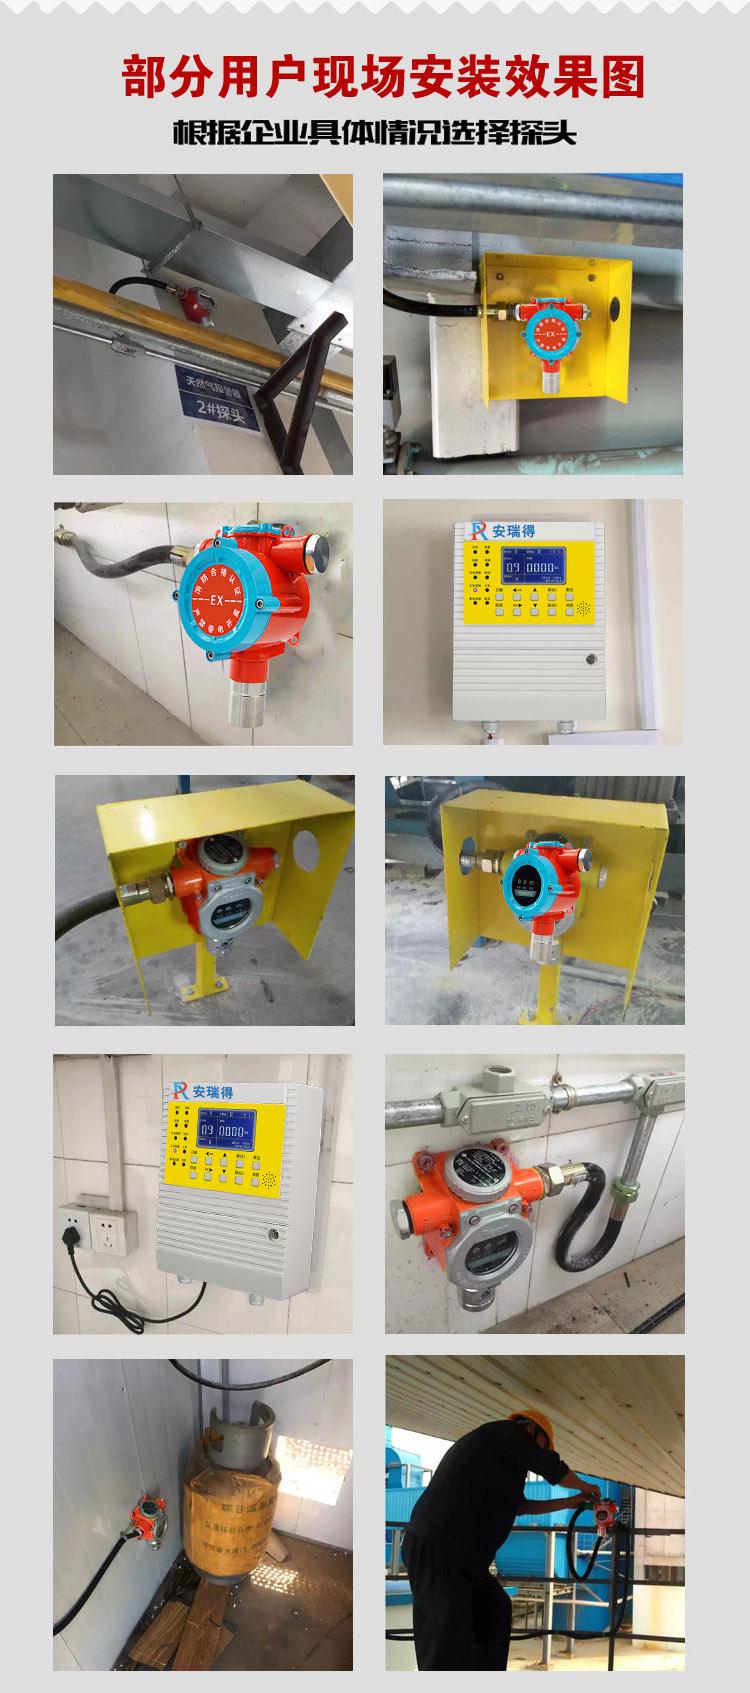 煤油气体报警器安装效果图